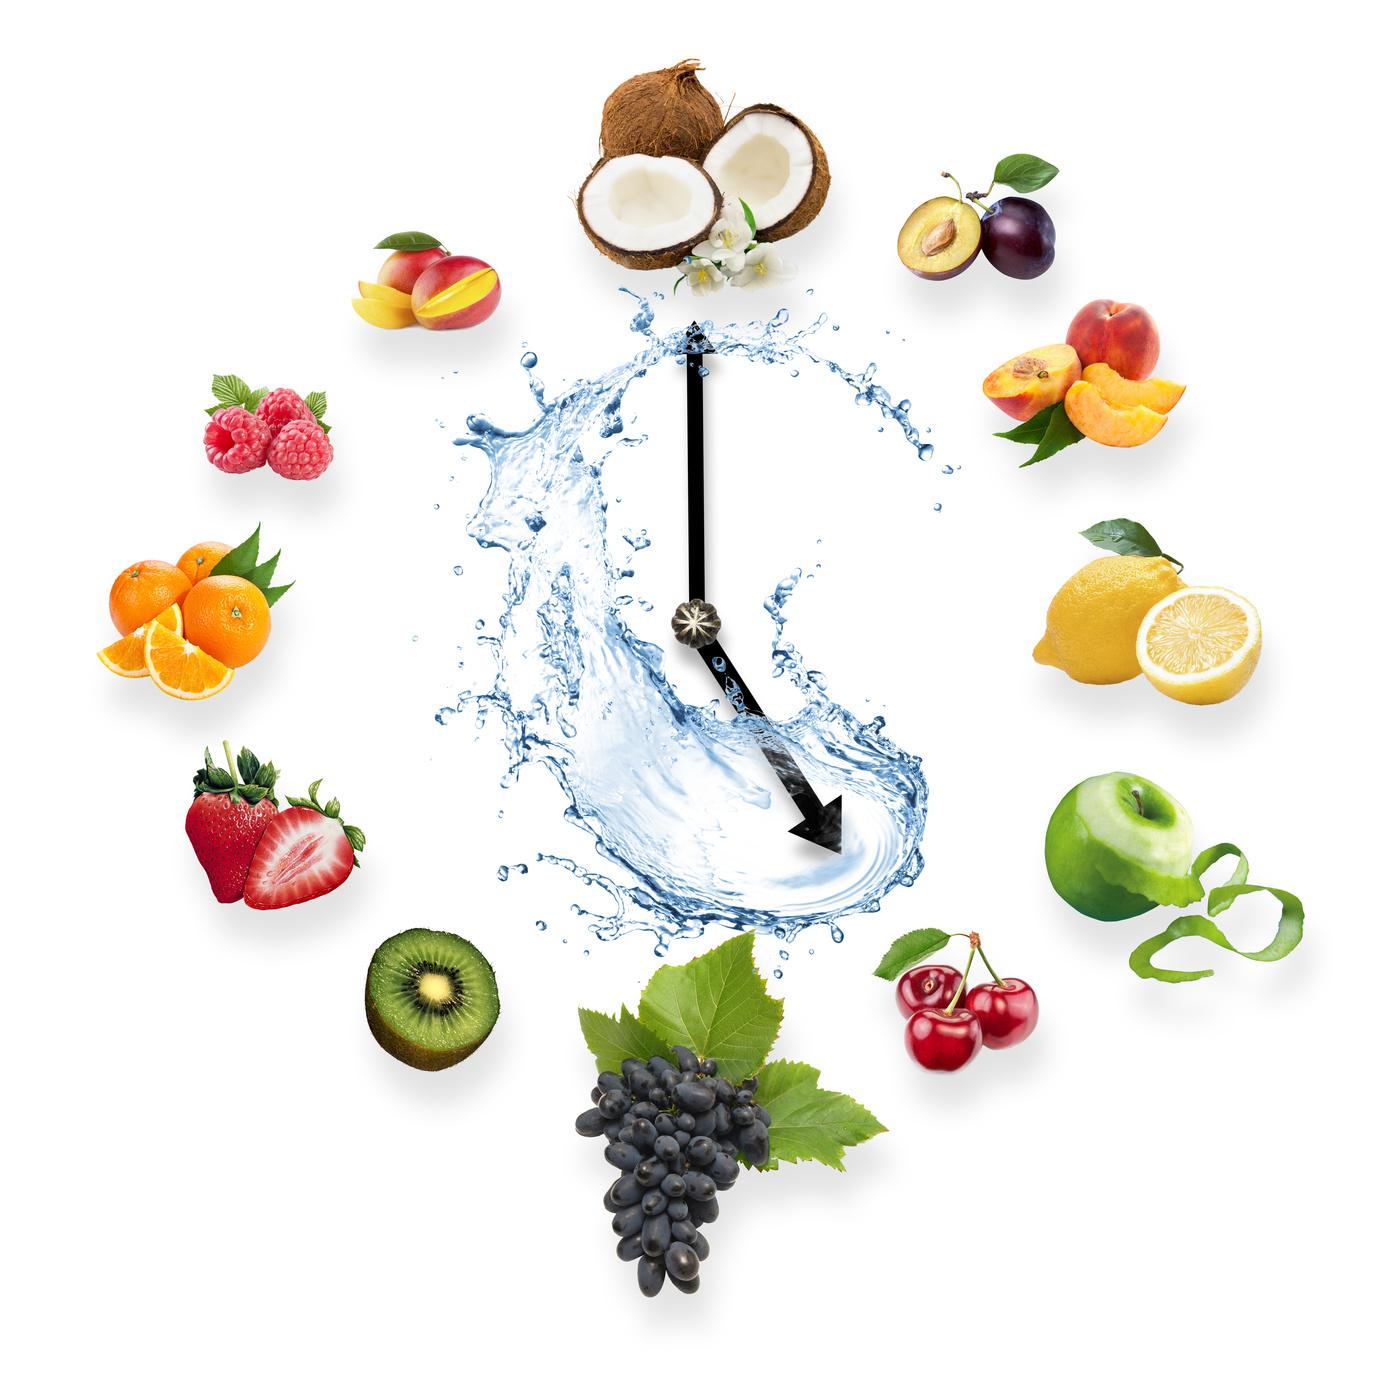 jedzenie owocow a dieta